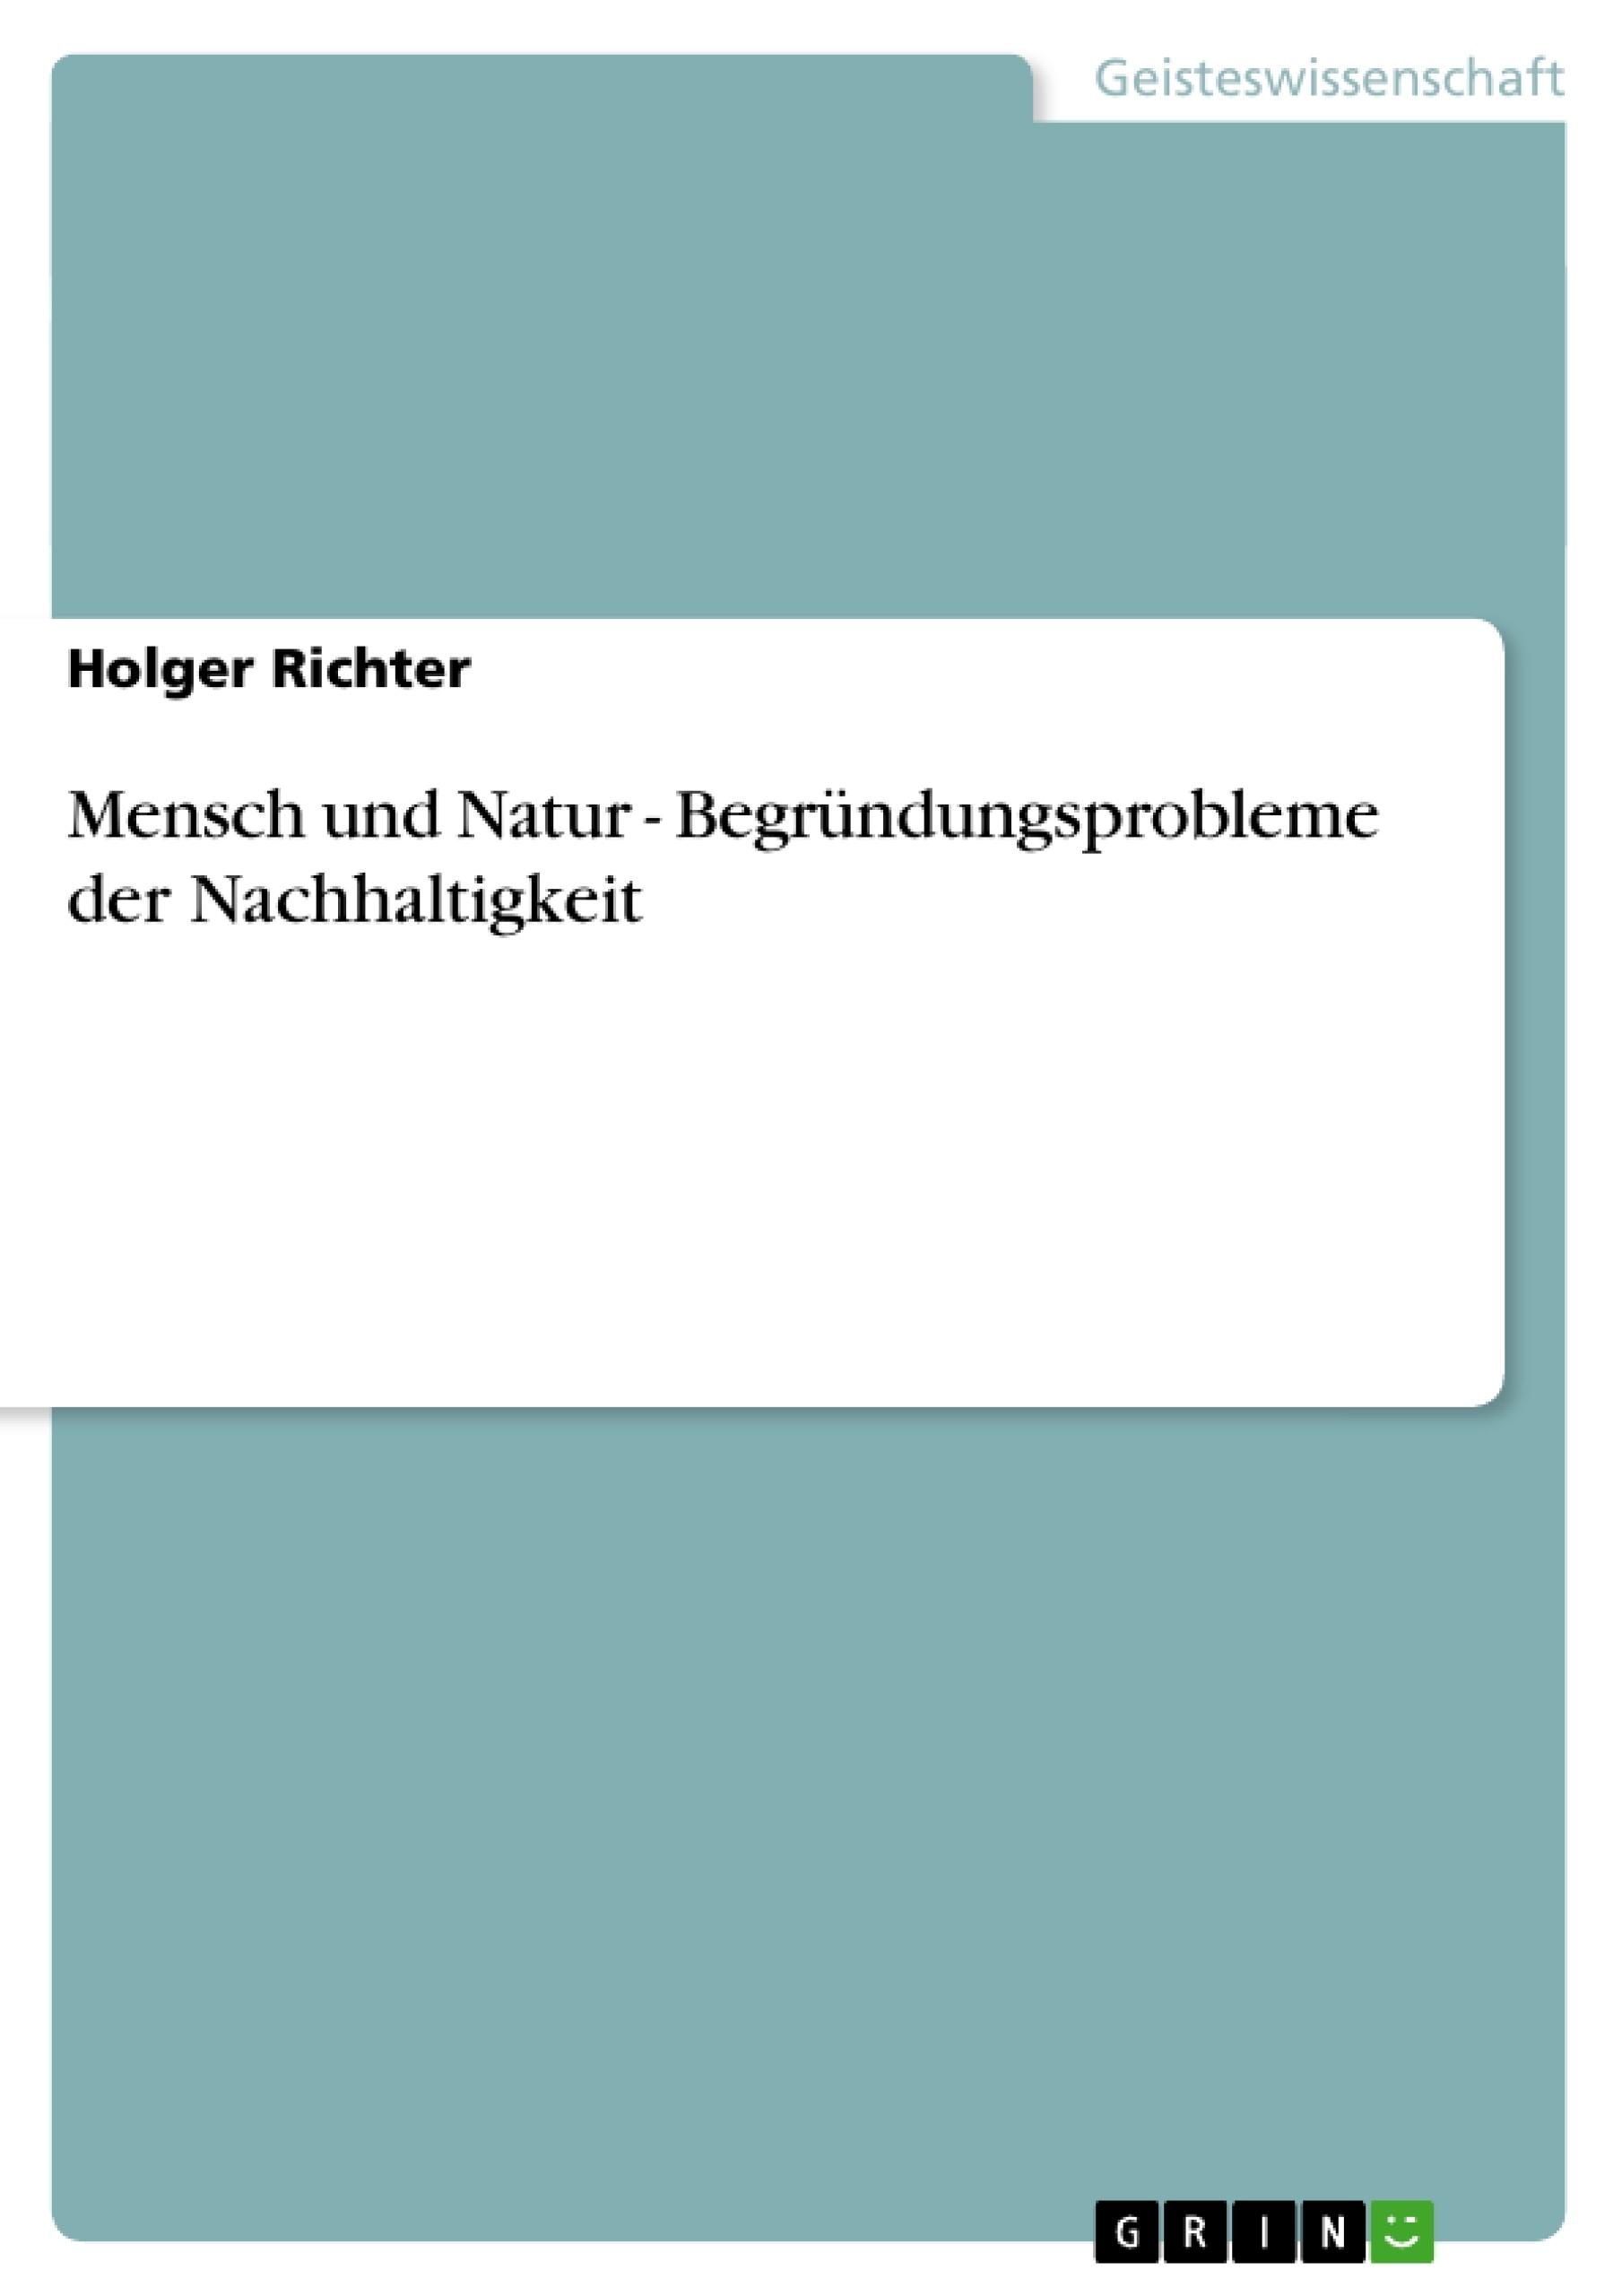 Titel: Mensch und Natur - Begründungsprobleme der Nachhaltigkeit